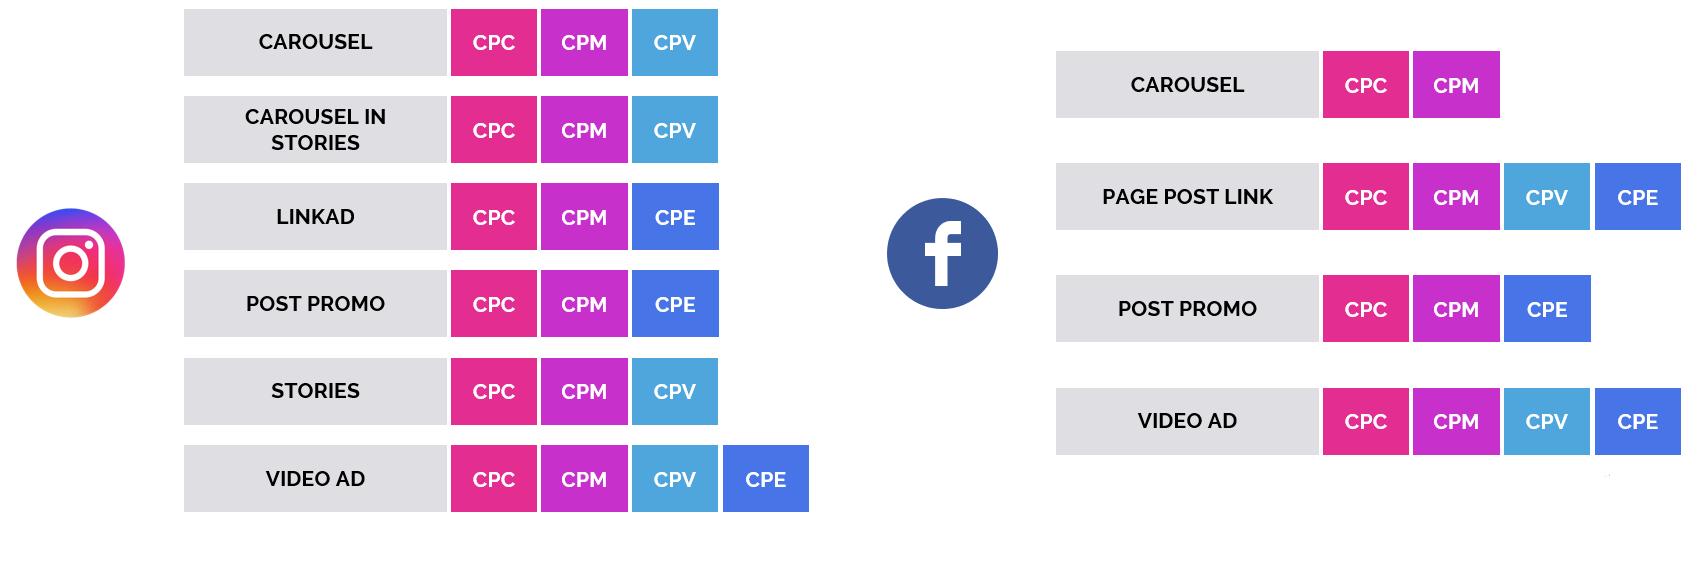 Основные форматы и модели оплаты в Branding-стратегии